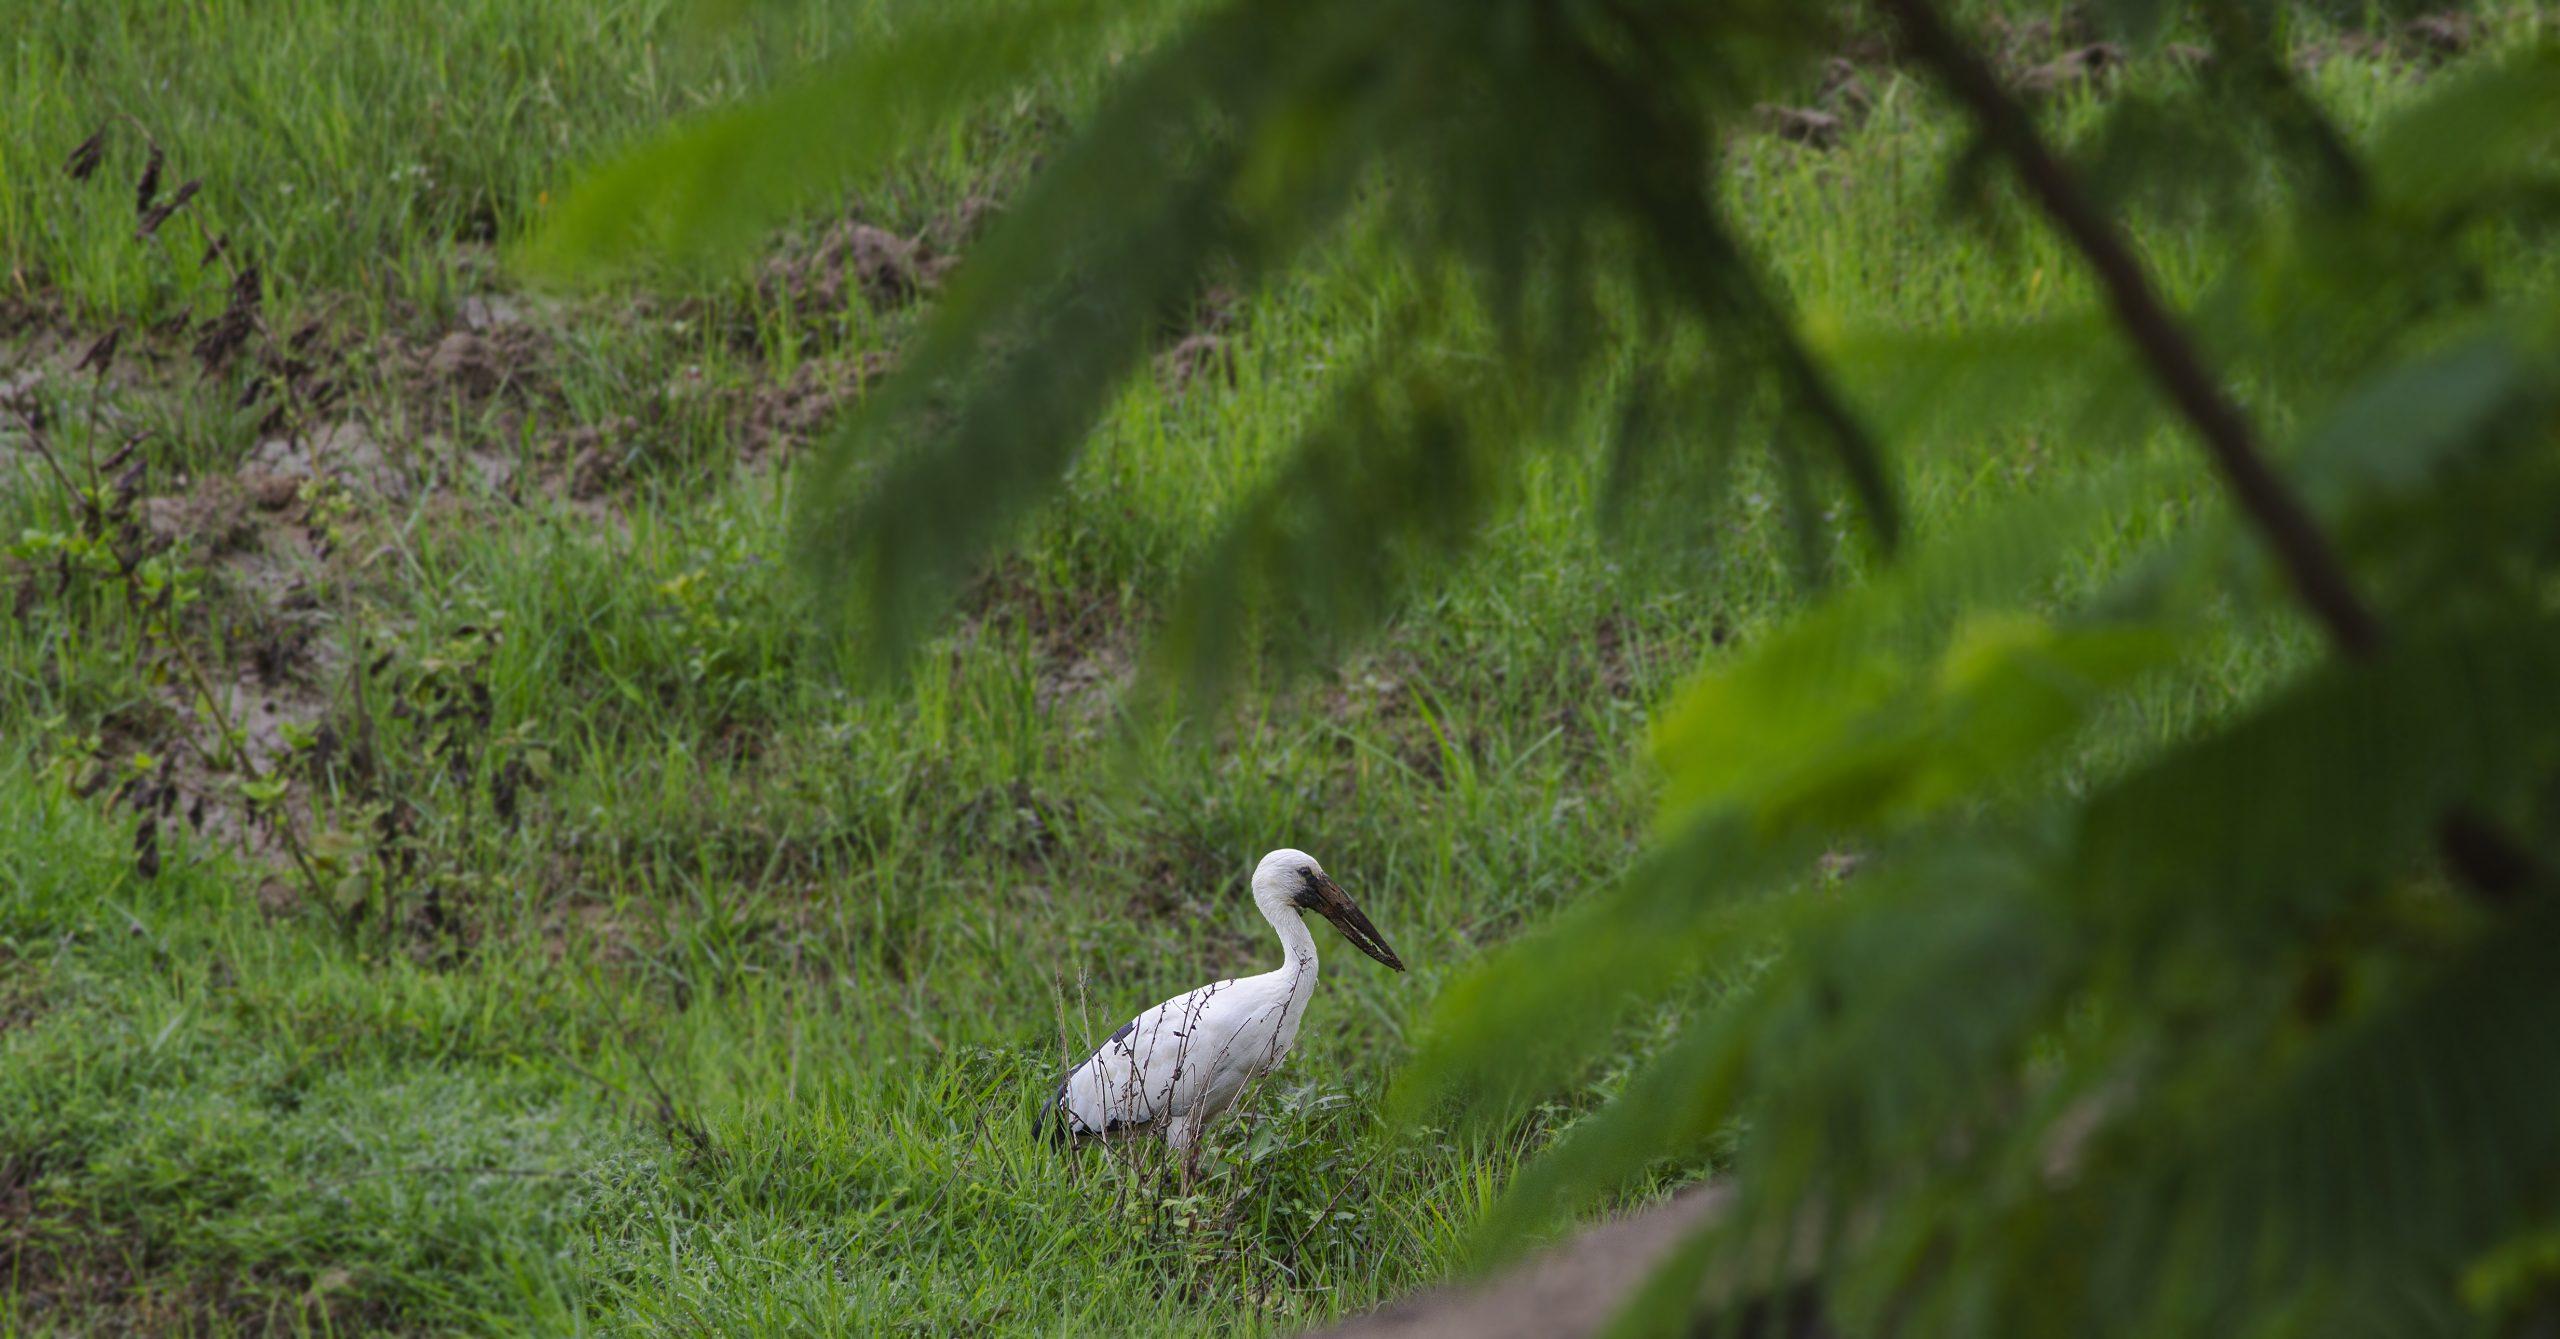 Bird in the Crop Field